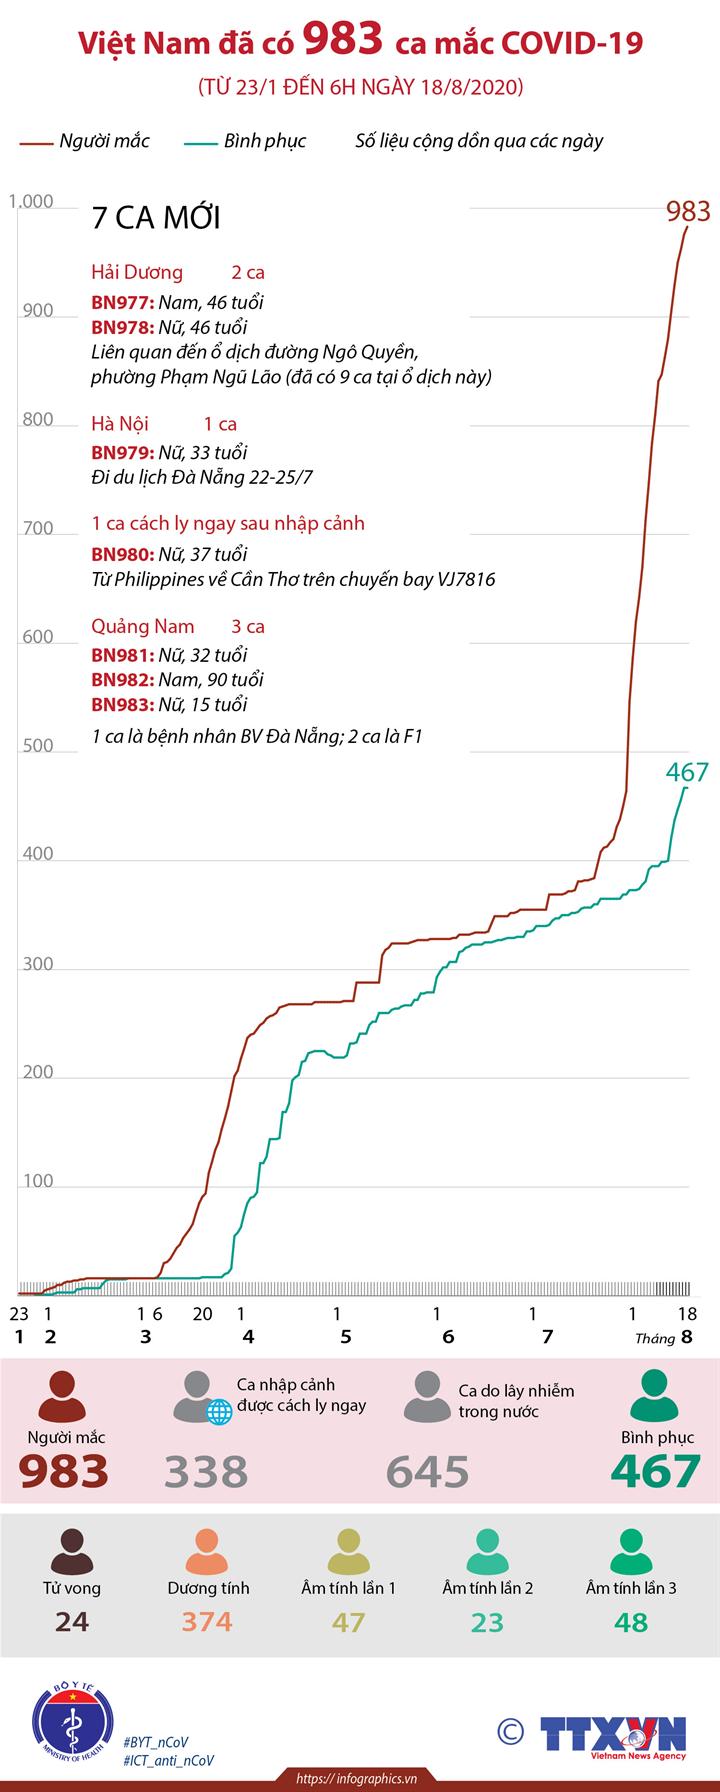 Việt Nam đã có 983 ca mắc COVID-19 (từ 23/1 đến 6h ngày 18/8/2020)